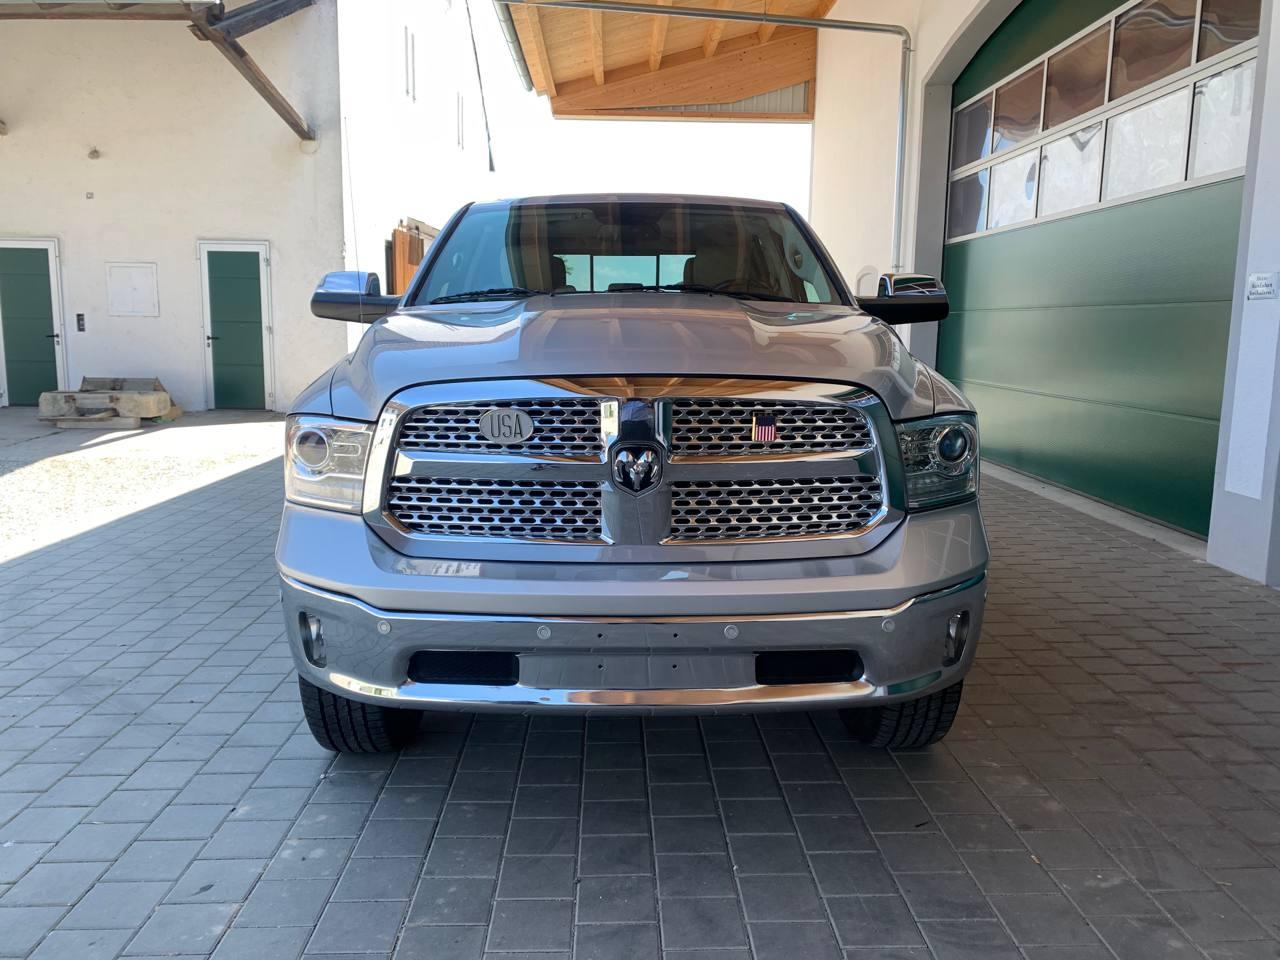 Gebraucht Dodge Ram Laramie kaufen Deutschland